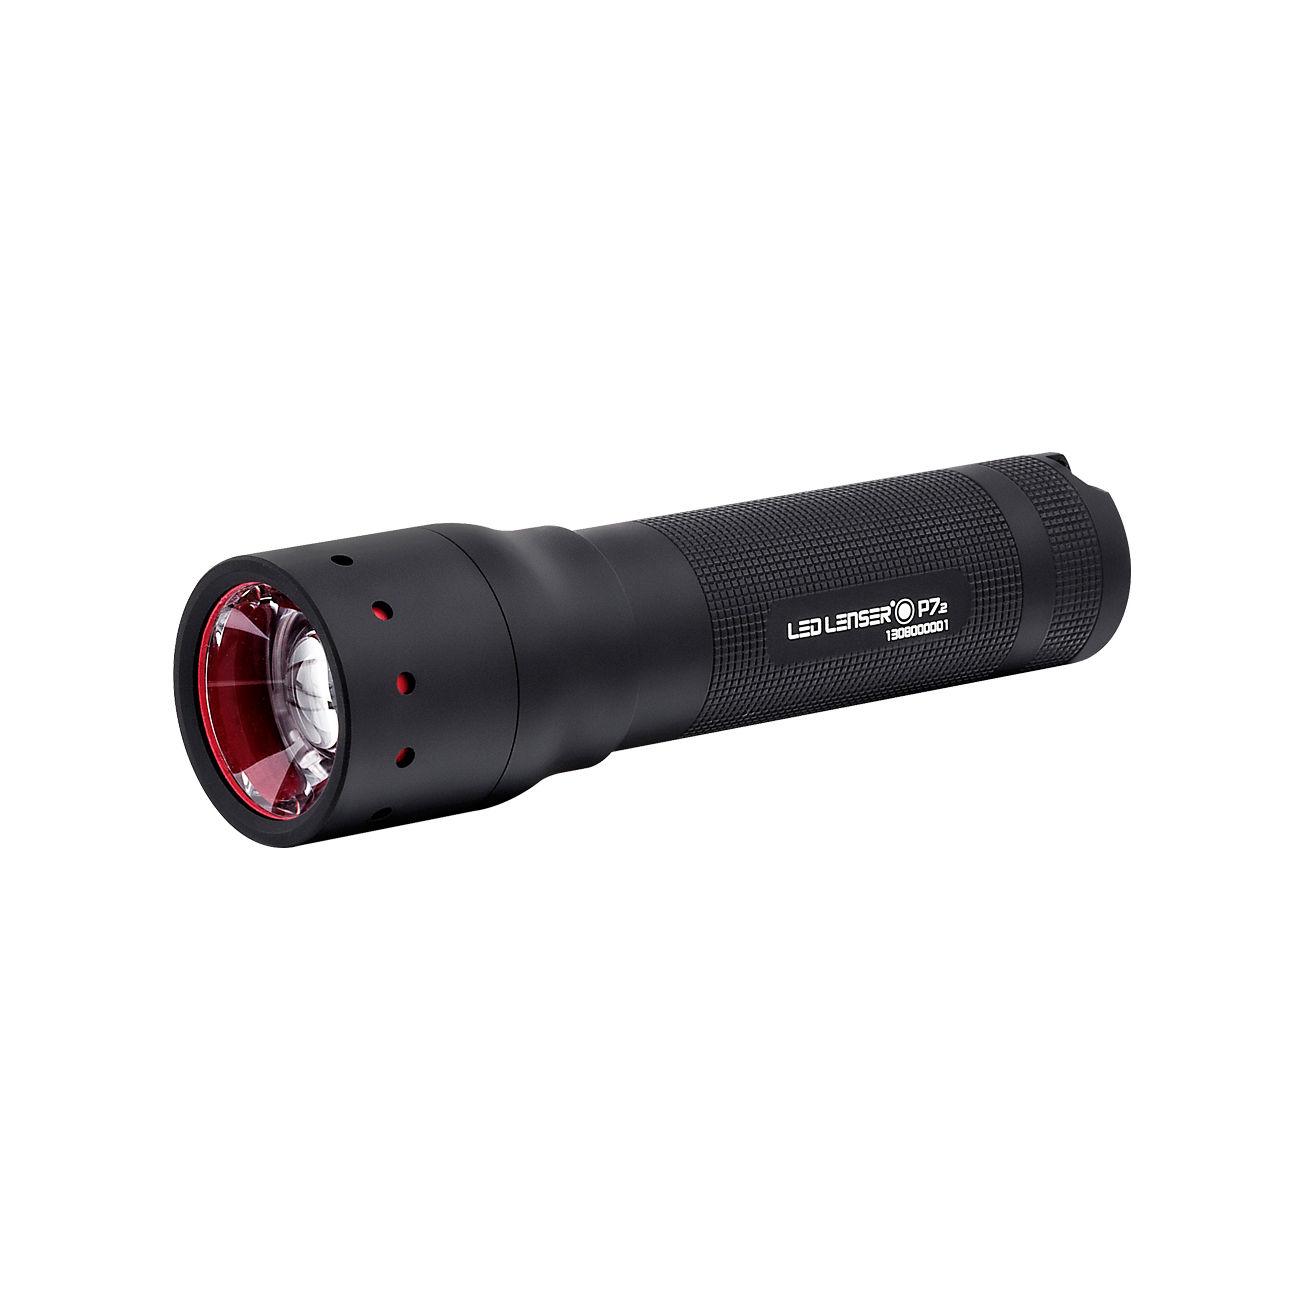 led lenser p7 2 taschenlampe schwarz 320 lumen kotte zeller. Black Bedroom Furniture Sets. Home Design Ideas